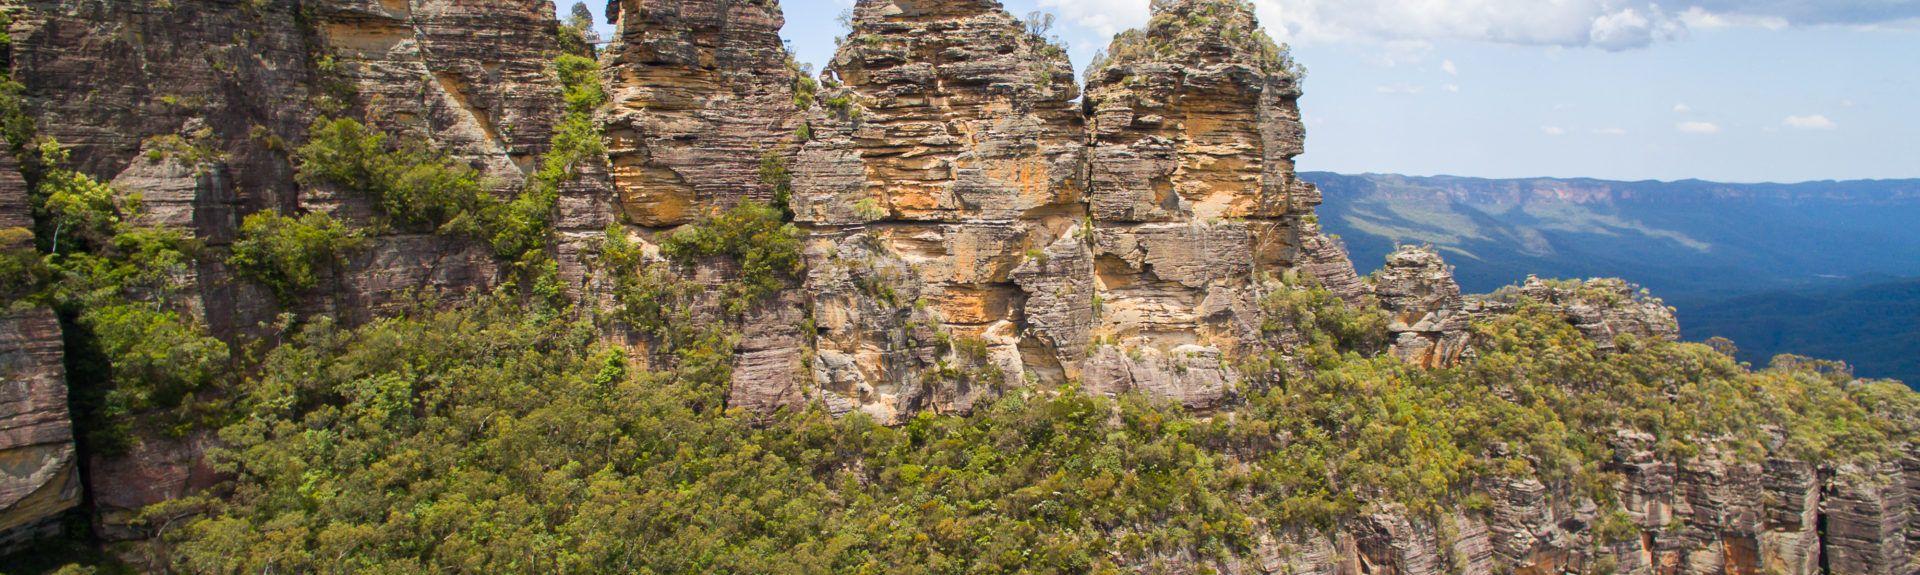 Plateforme d'observation Pulpit Rock Lookout, Nouvelle Galles du Sud, Australie